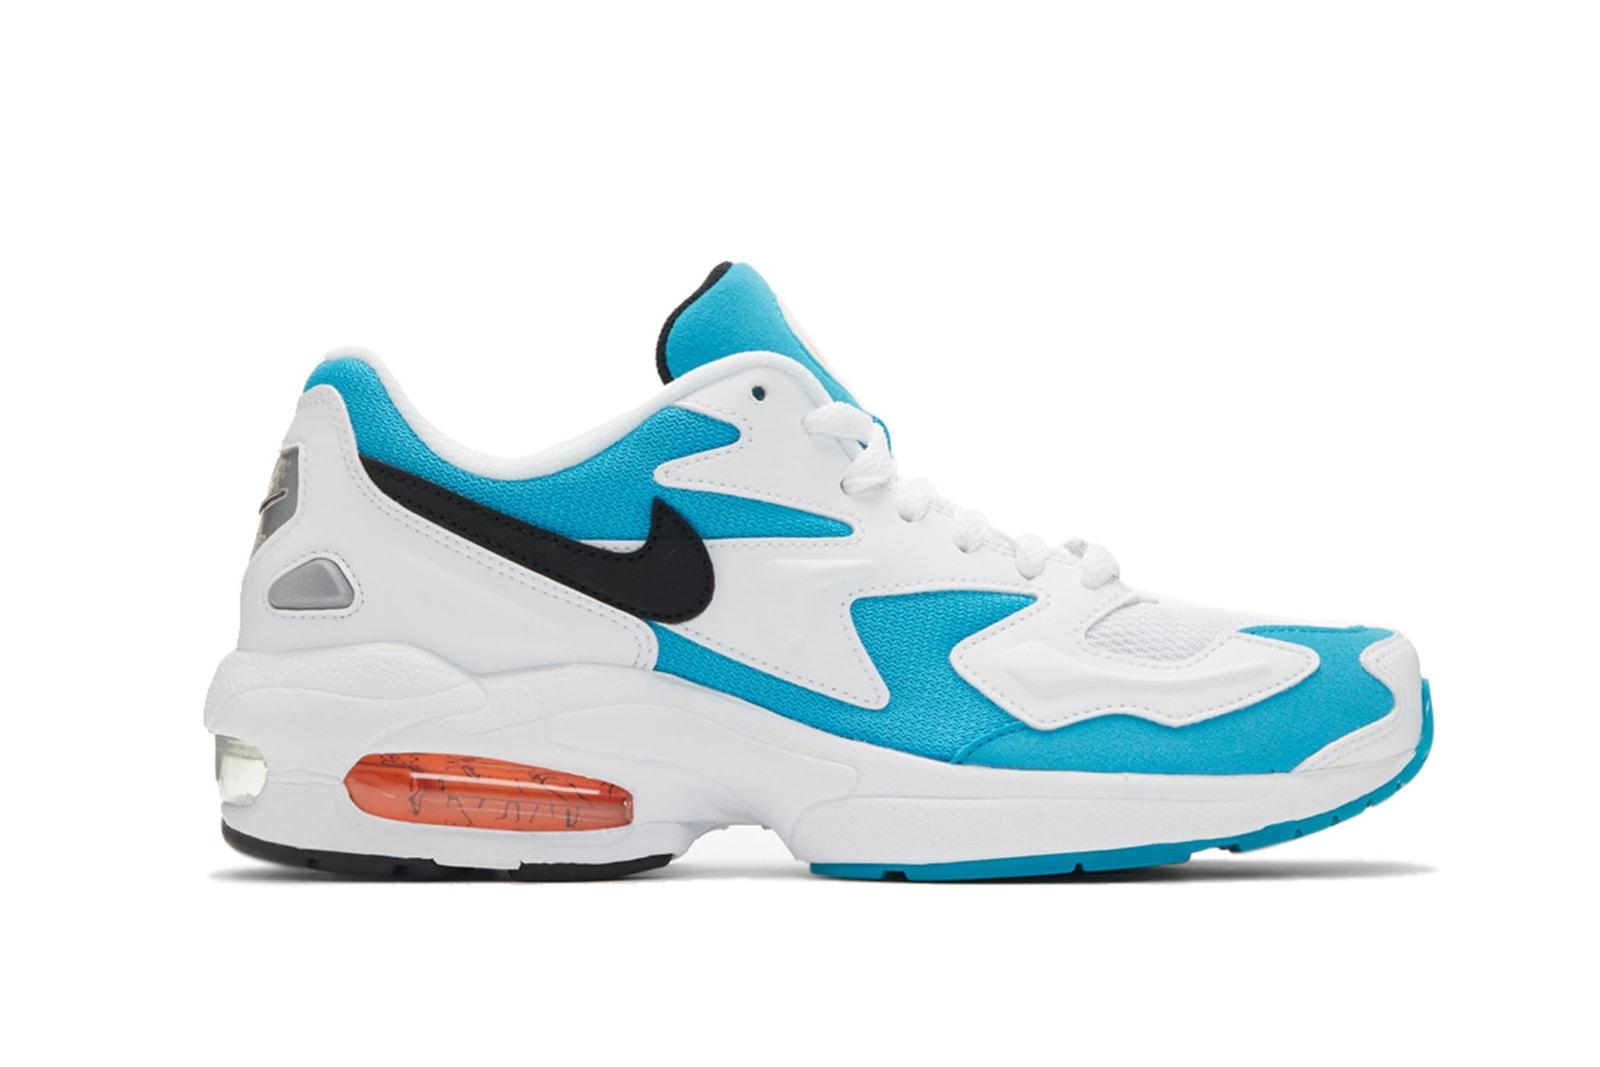 今夏の狙い目セールスニーカー 10 選 Off-White™️ Nike Vetements Balenciaga ASICS Kiko Kostadinov COMME des GARÇONS Homme Plus adidas Originals Reebok Rick Owens Maison Margiela